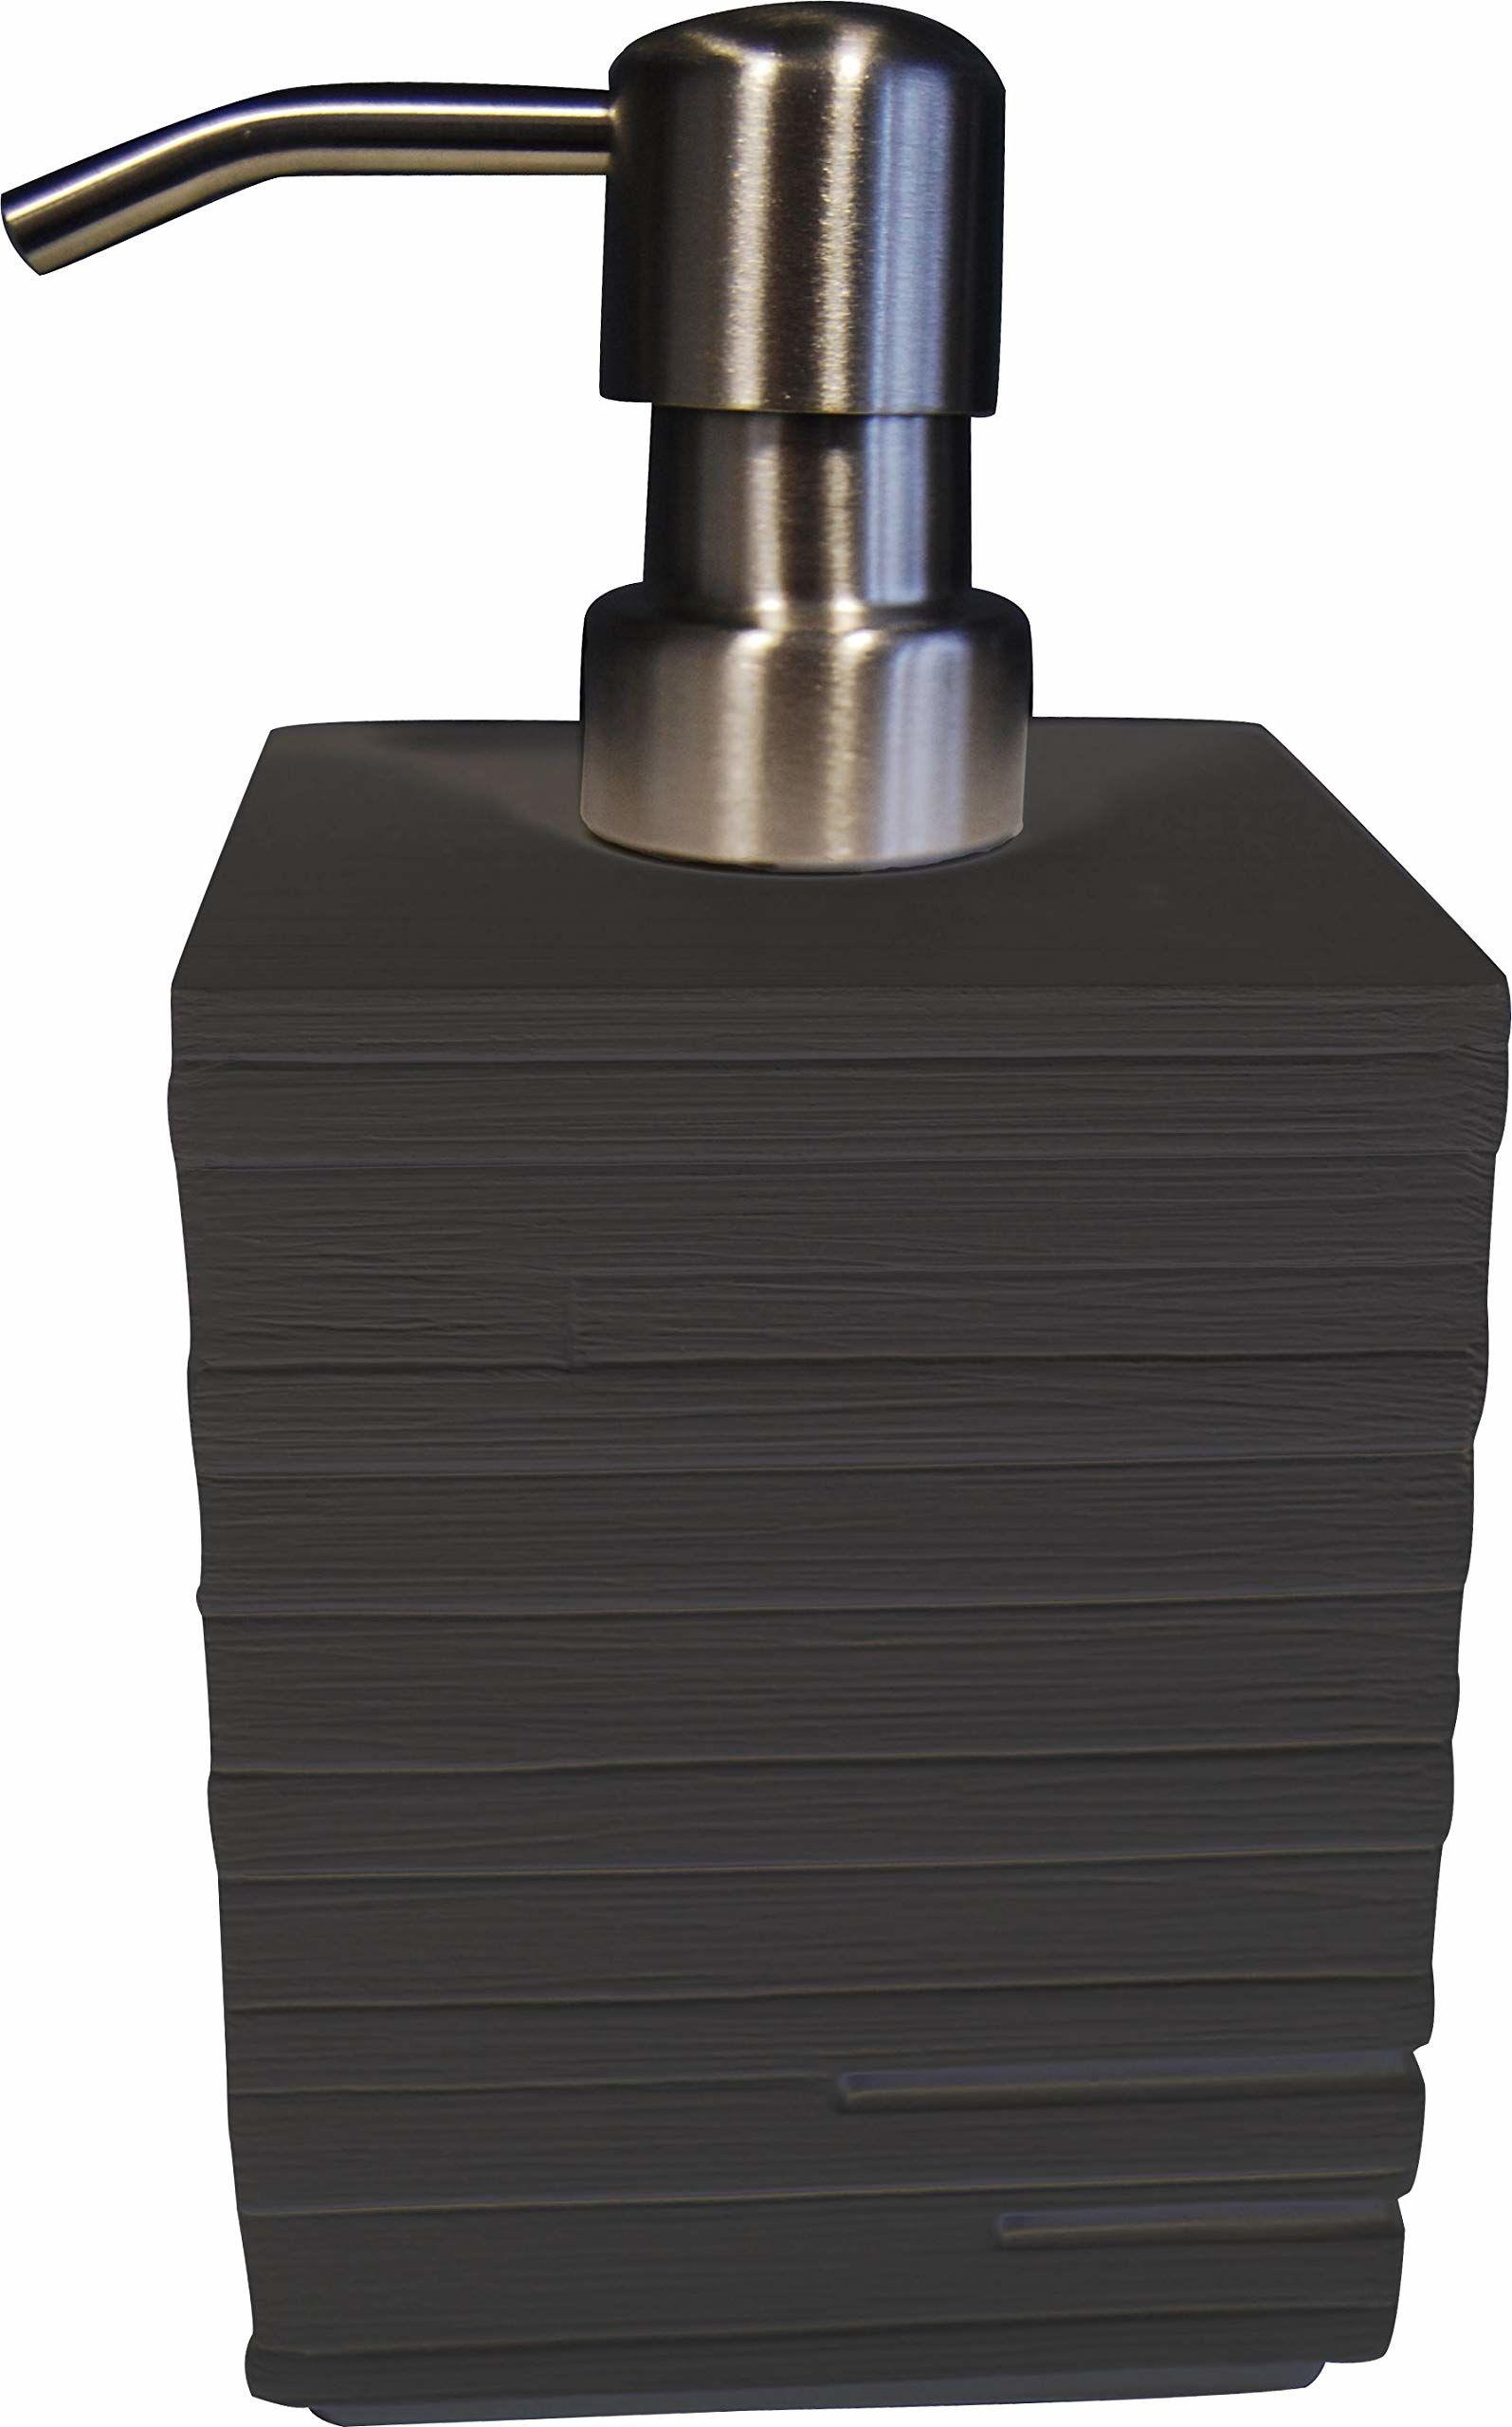 Grund BRICK dozownik mydła 8 x 8 x 16 cm, czarne akcesoria, 100% żywica poliestrowa, 8 x 8 x 16 cm